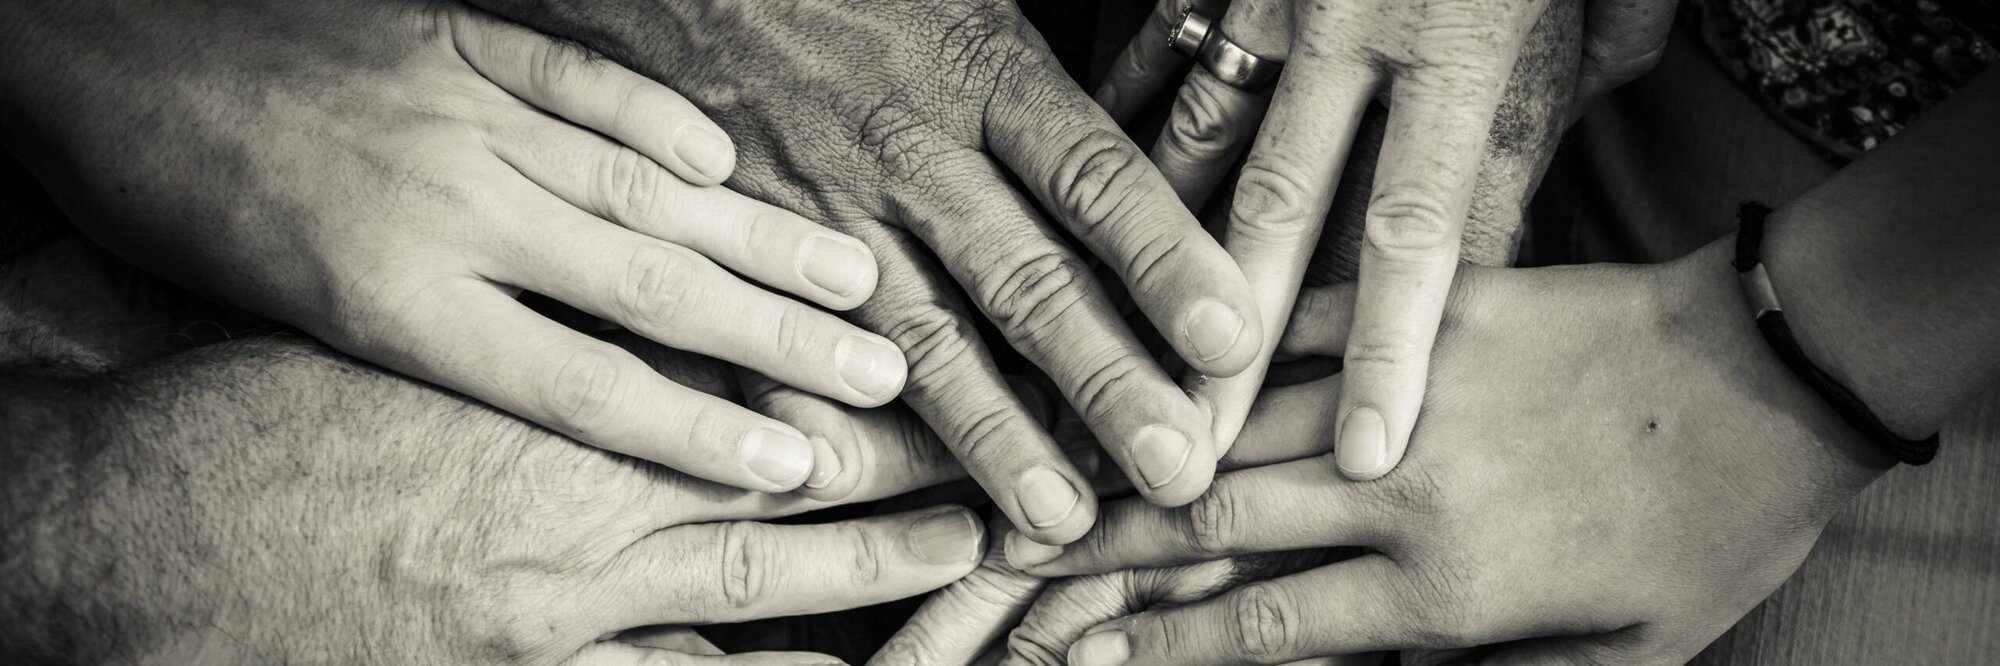 hands-4114905